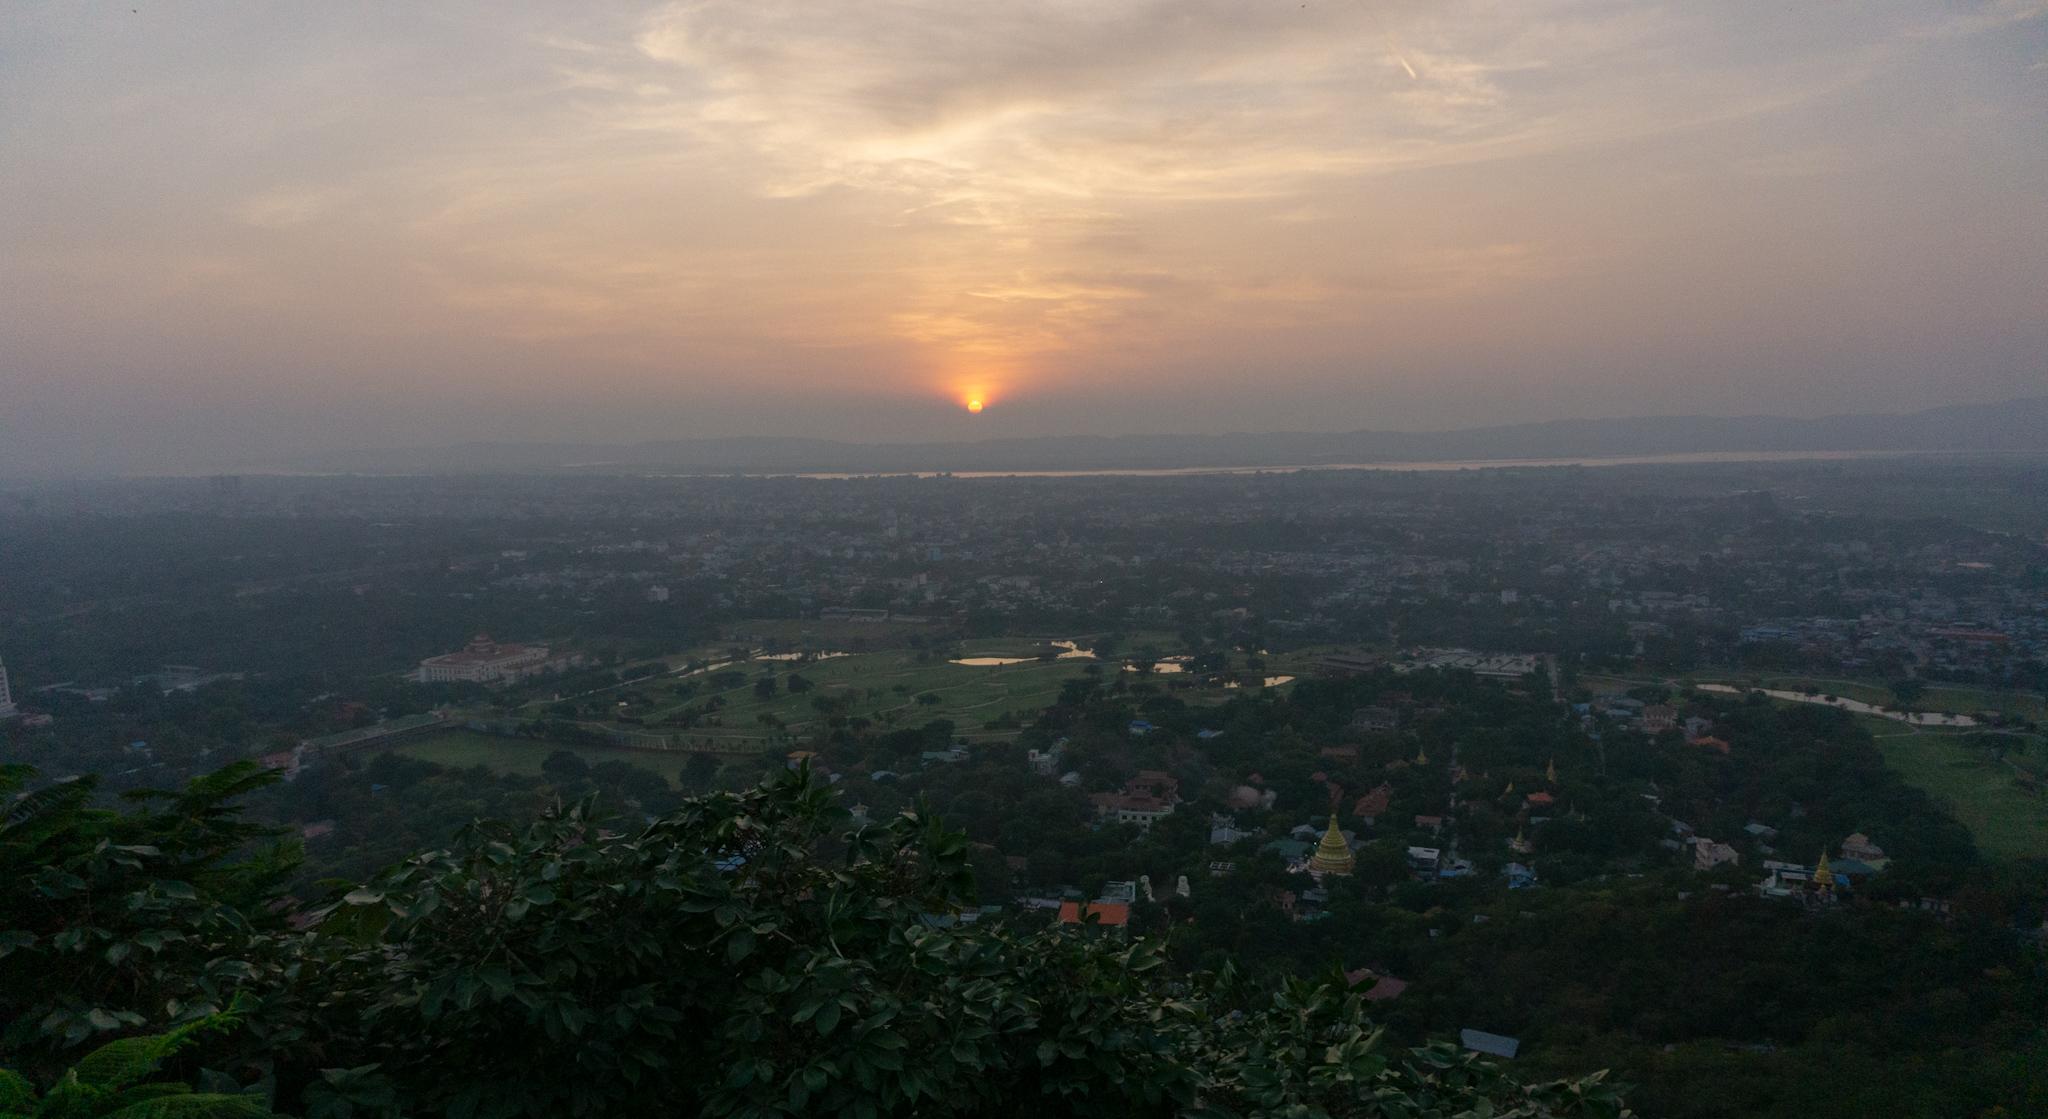 Sonnenuntergang auf dem Mandalay Hill